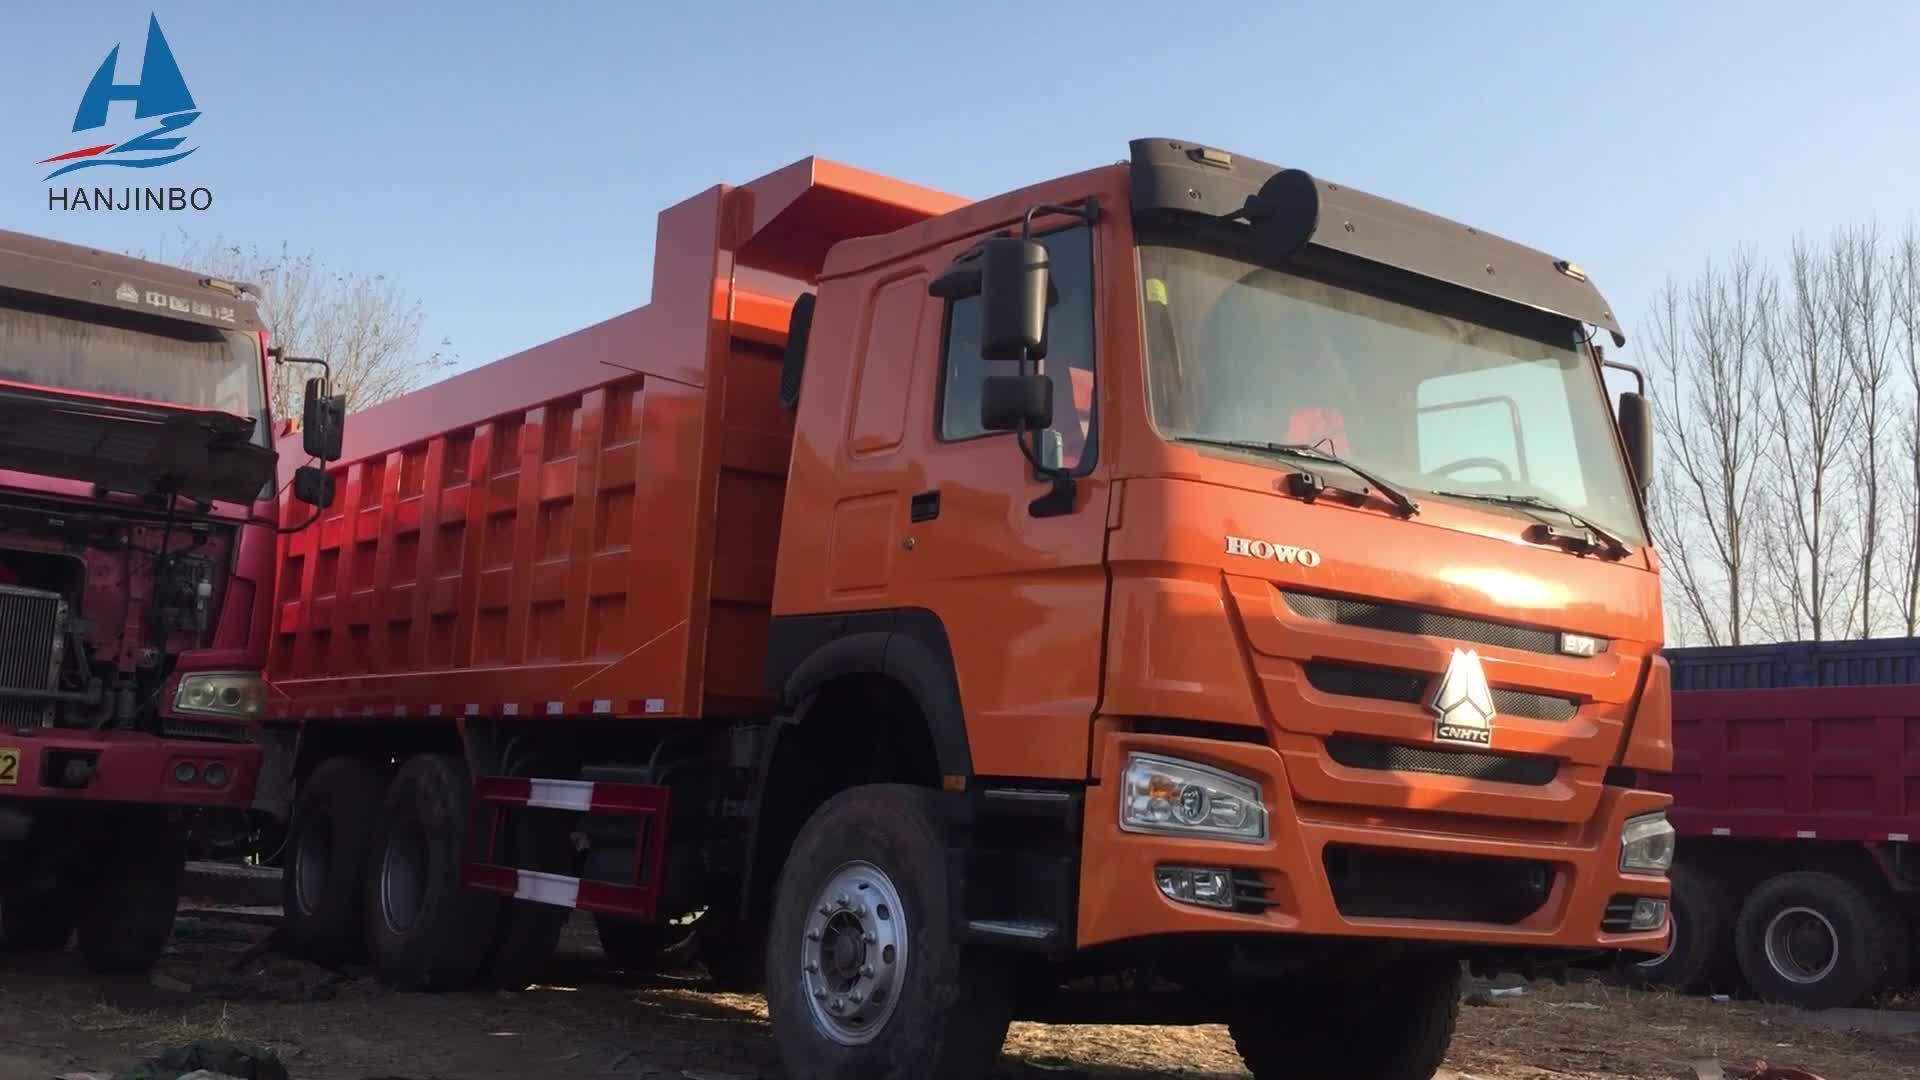 Nouveau Pas Cher Camion À Benne Basculante à vendre à Faible Coût Haute Retour En Zambie Malawi Argentine Brésil 30 Tonnes tri-essieu remorque de camion-citerne de carburant